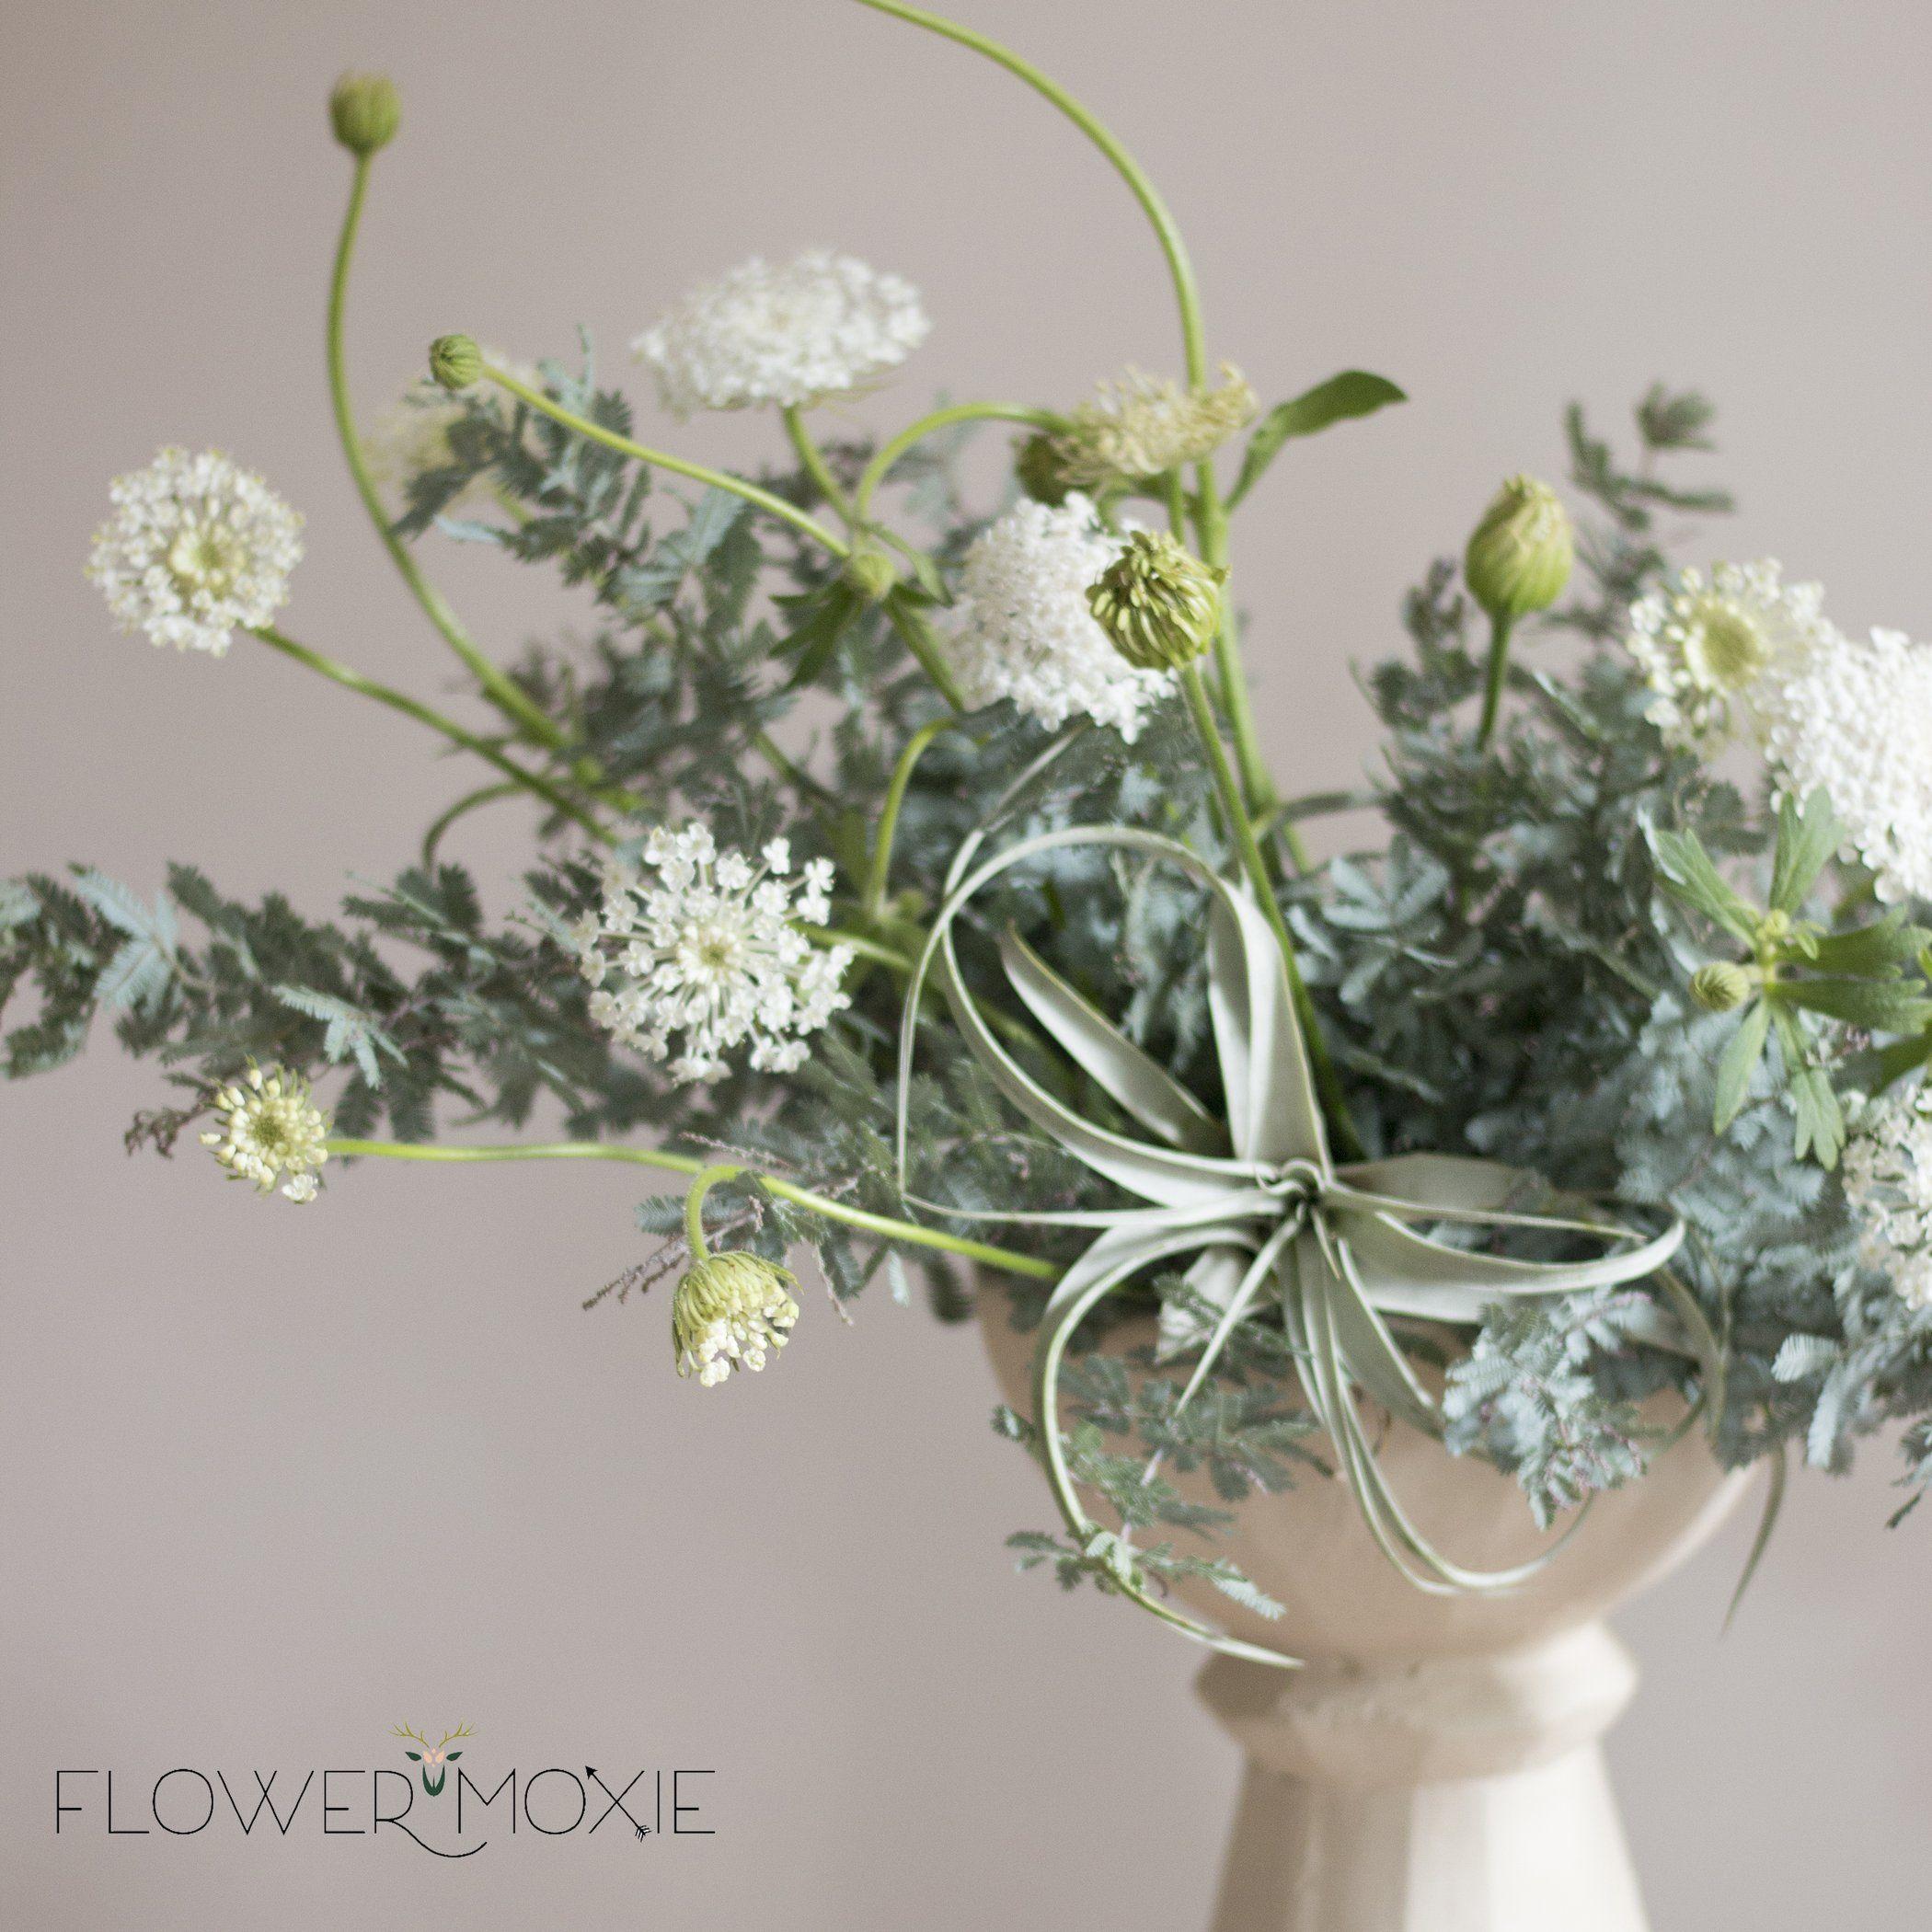 Feather Leaf Acacia Diy Bride Diy Flowers Diy Wedding How To Save Money Diy Wedding Flowers Diy Wedding Flower Centerpieces Diy Wedding Flowers Bouquet